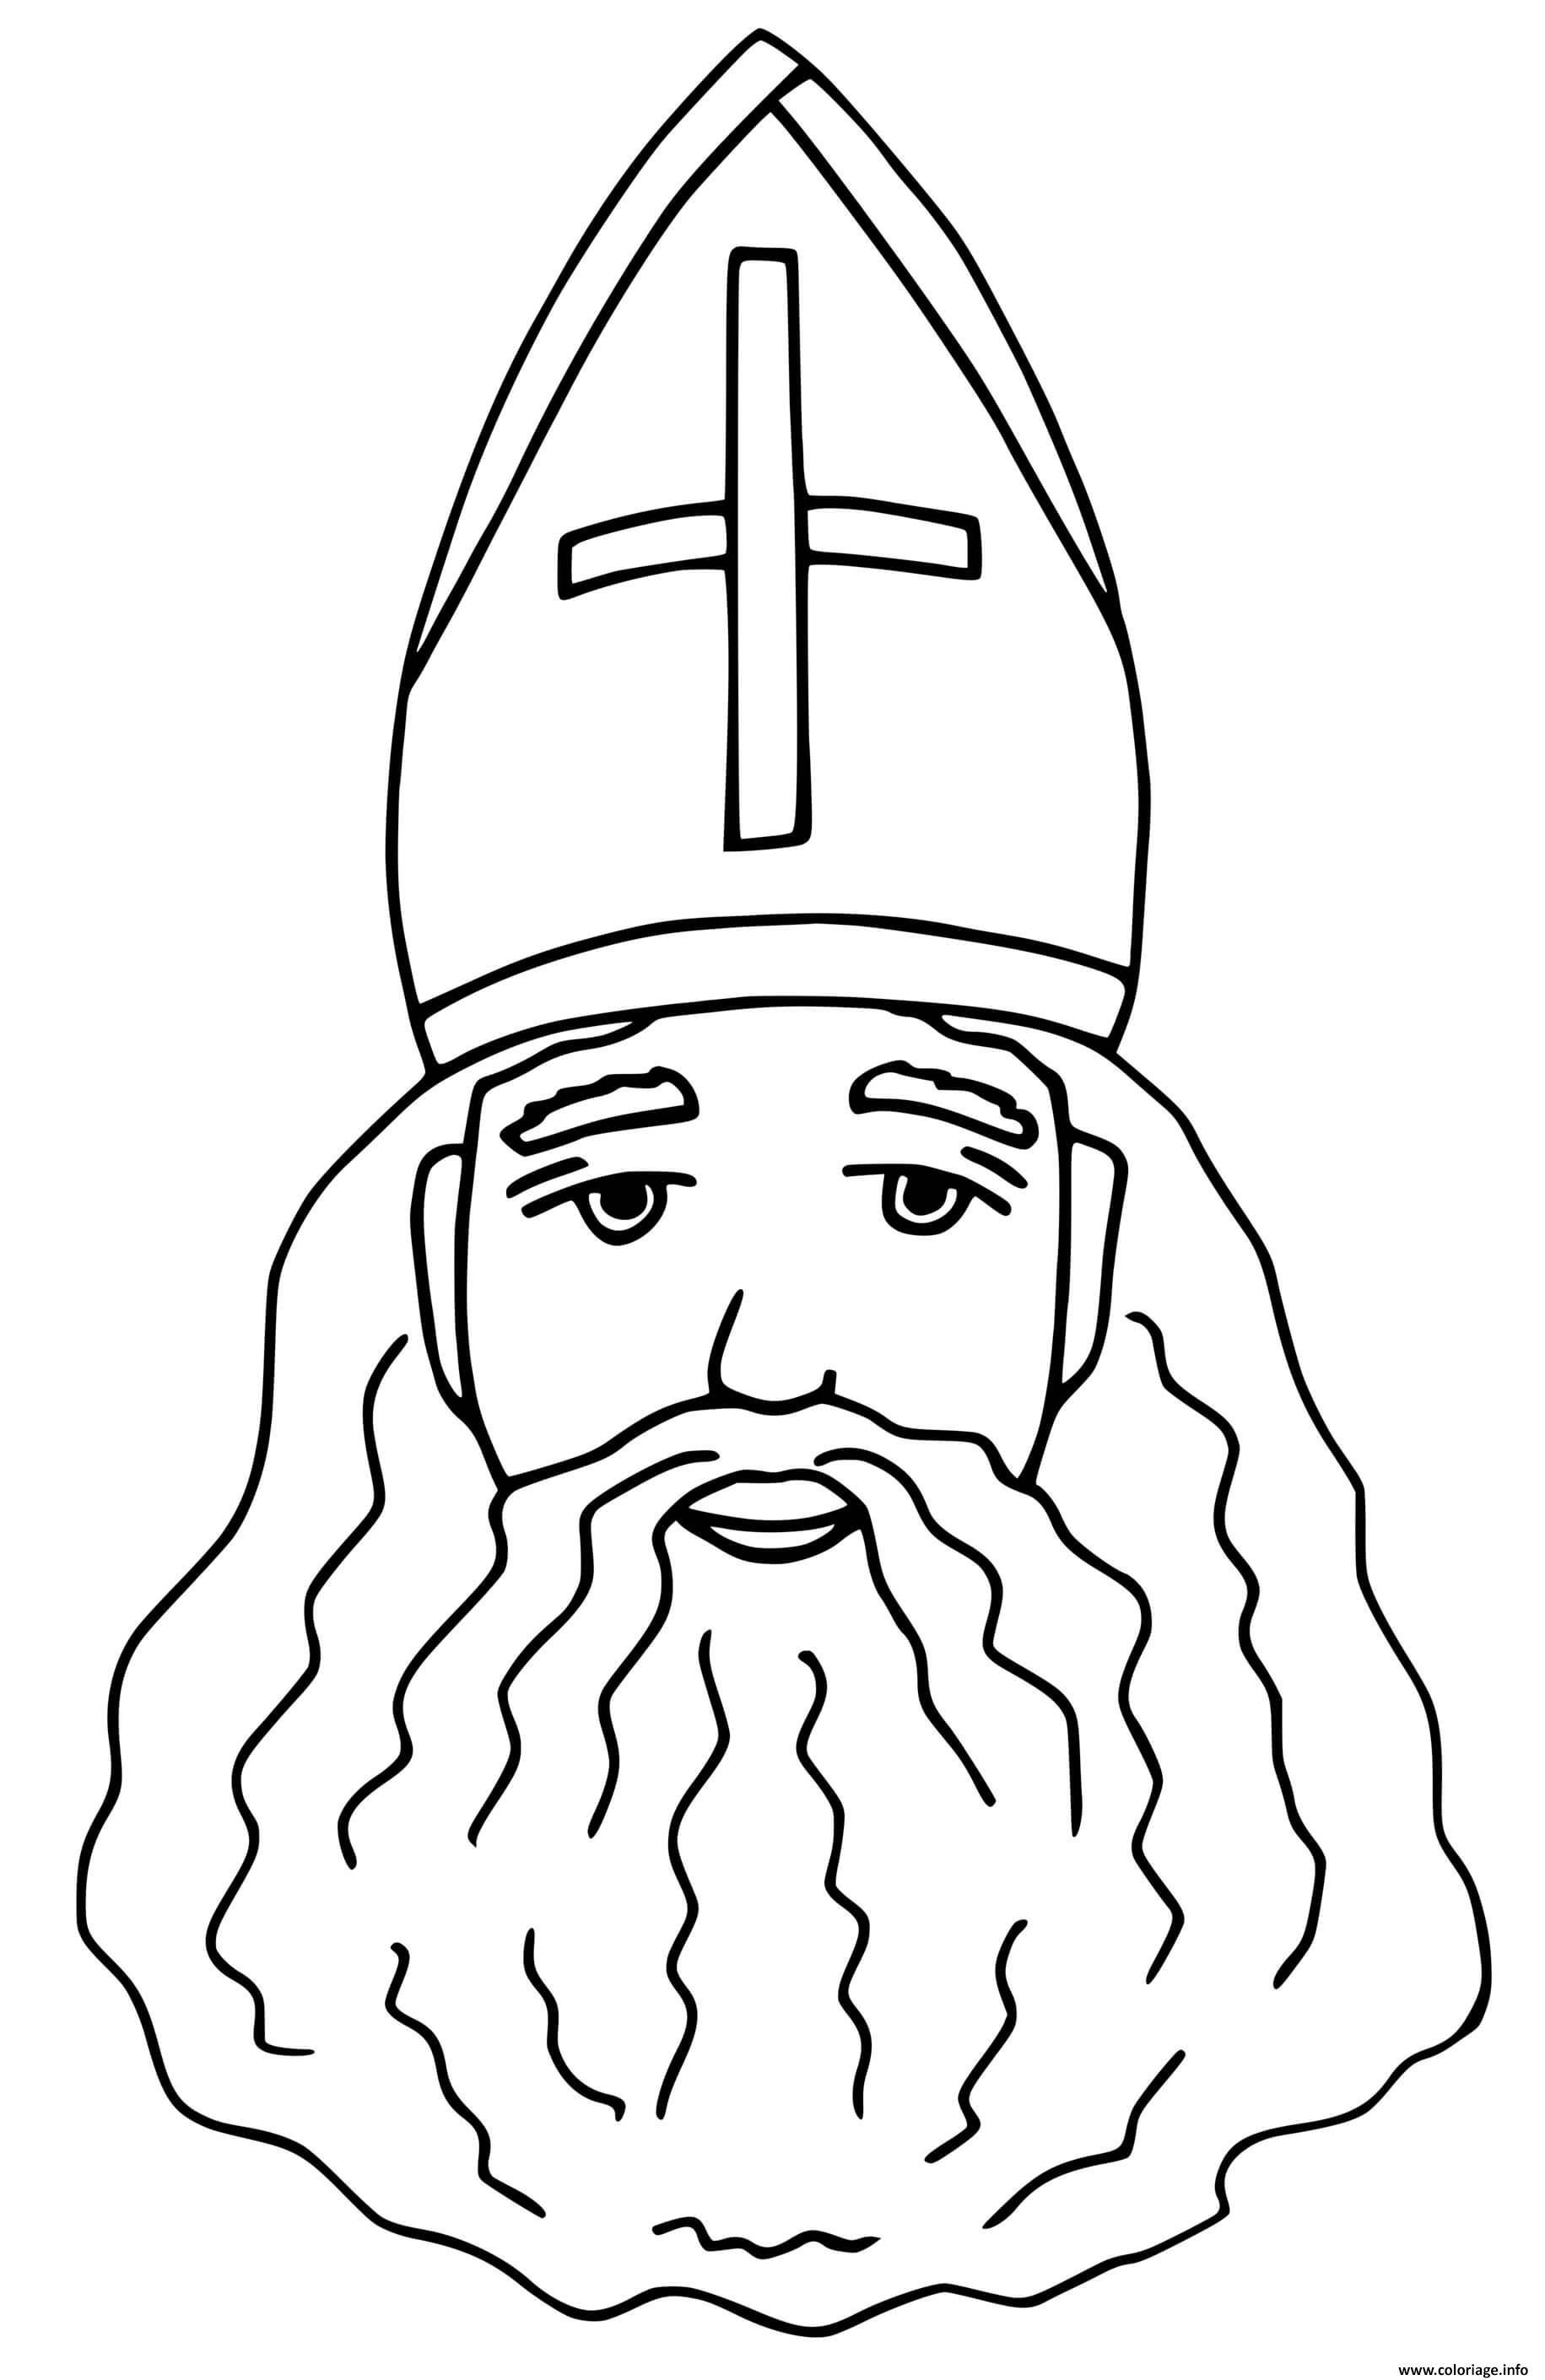 Dessin le saint nicolas personnage legendaire Coloriage Gratuit à Imprimer